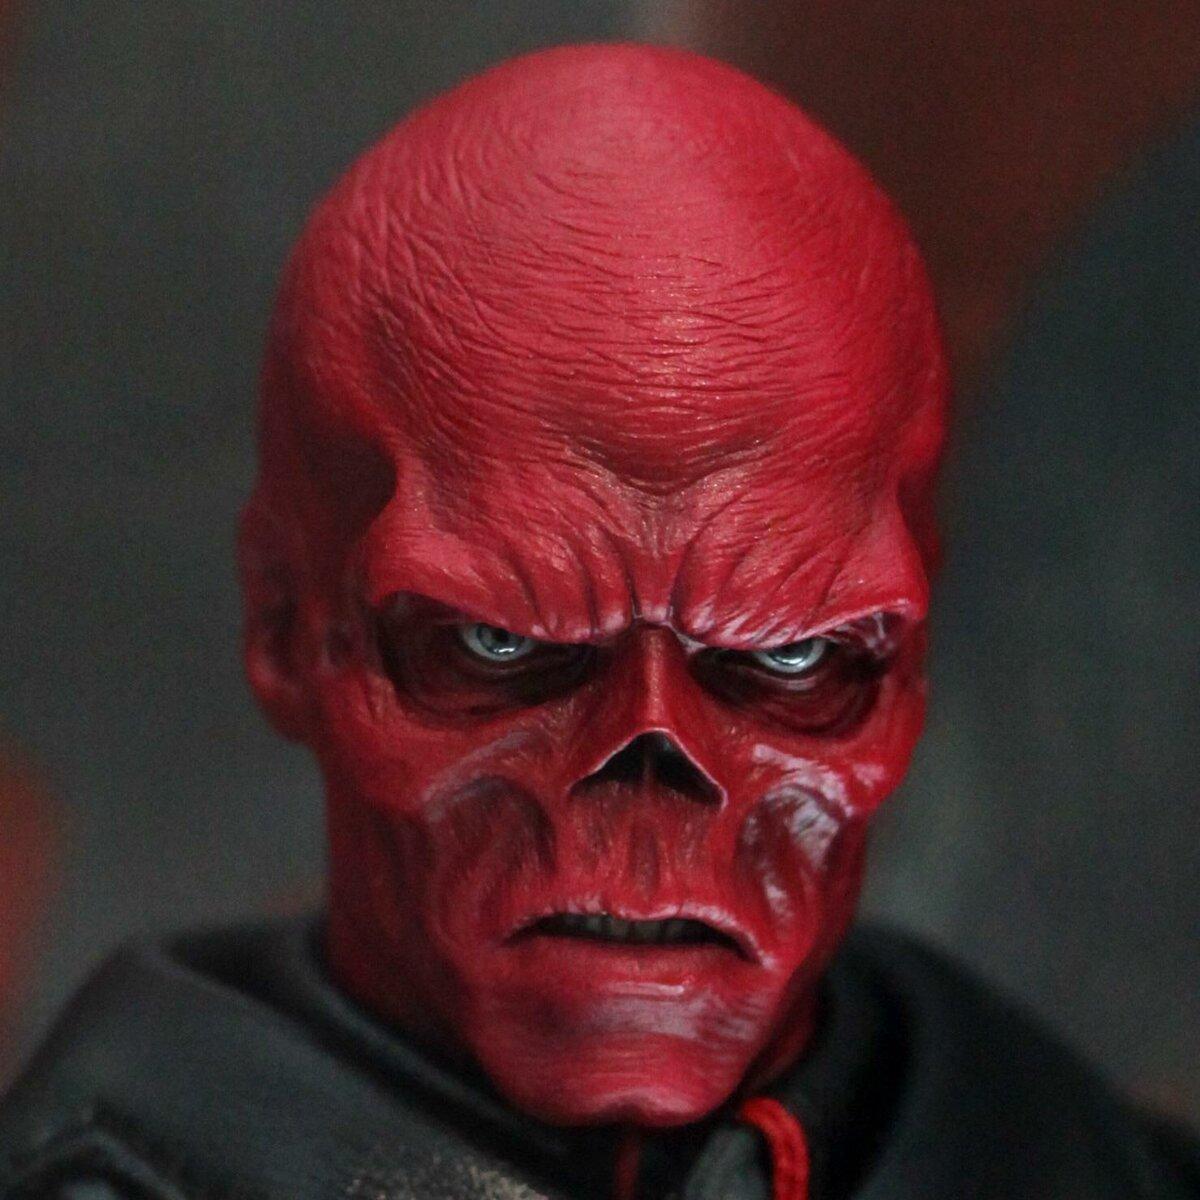 Красный человек картинка